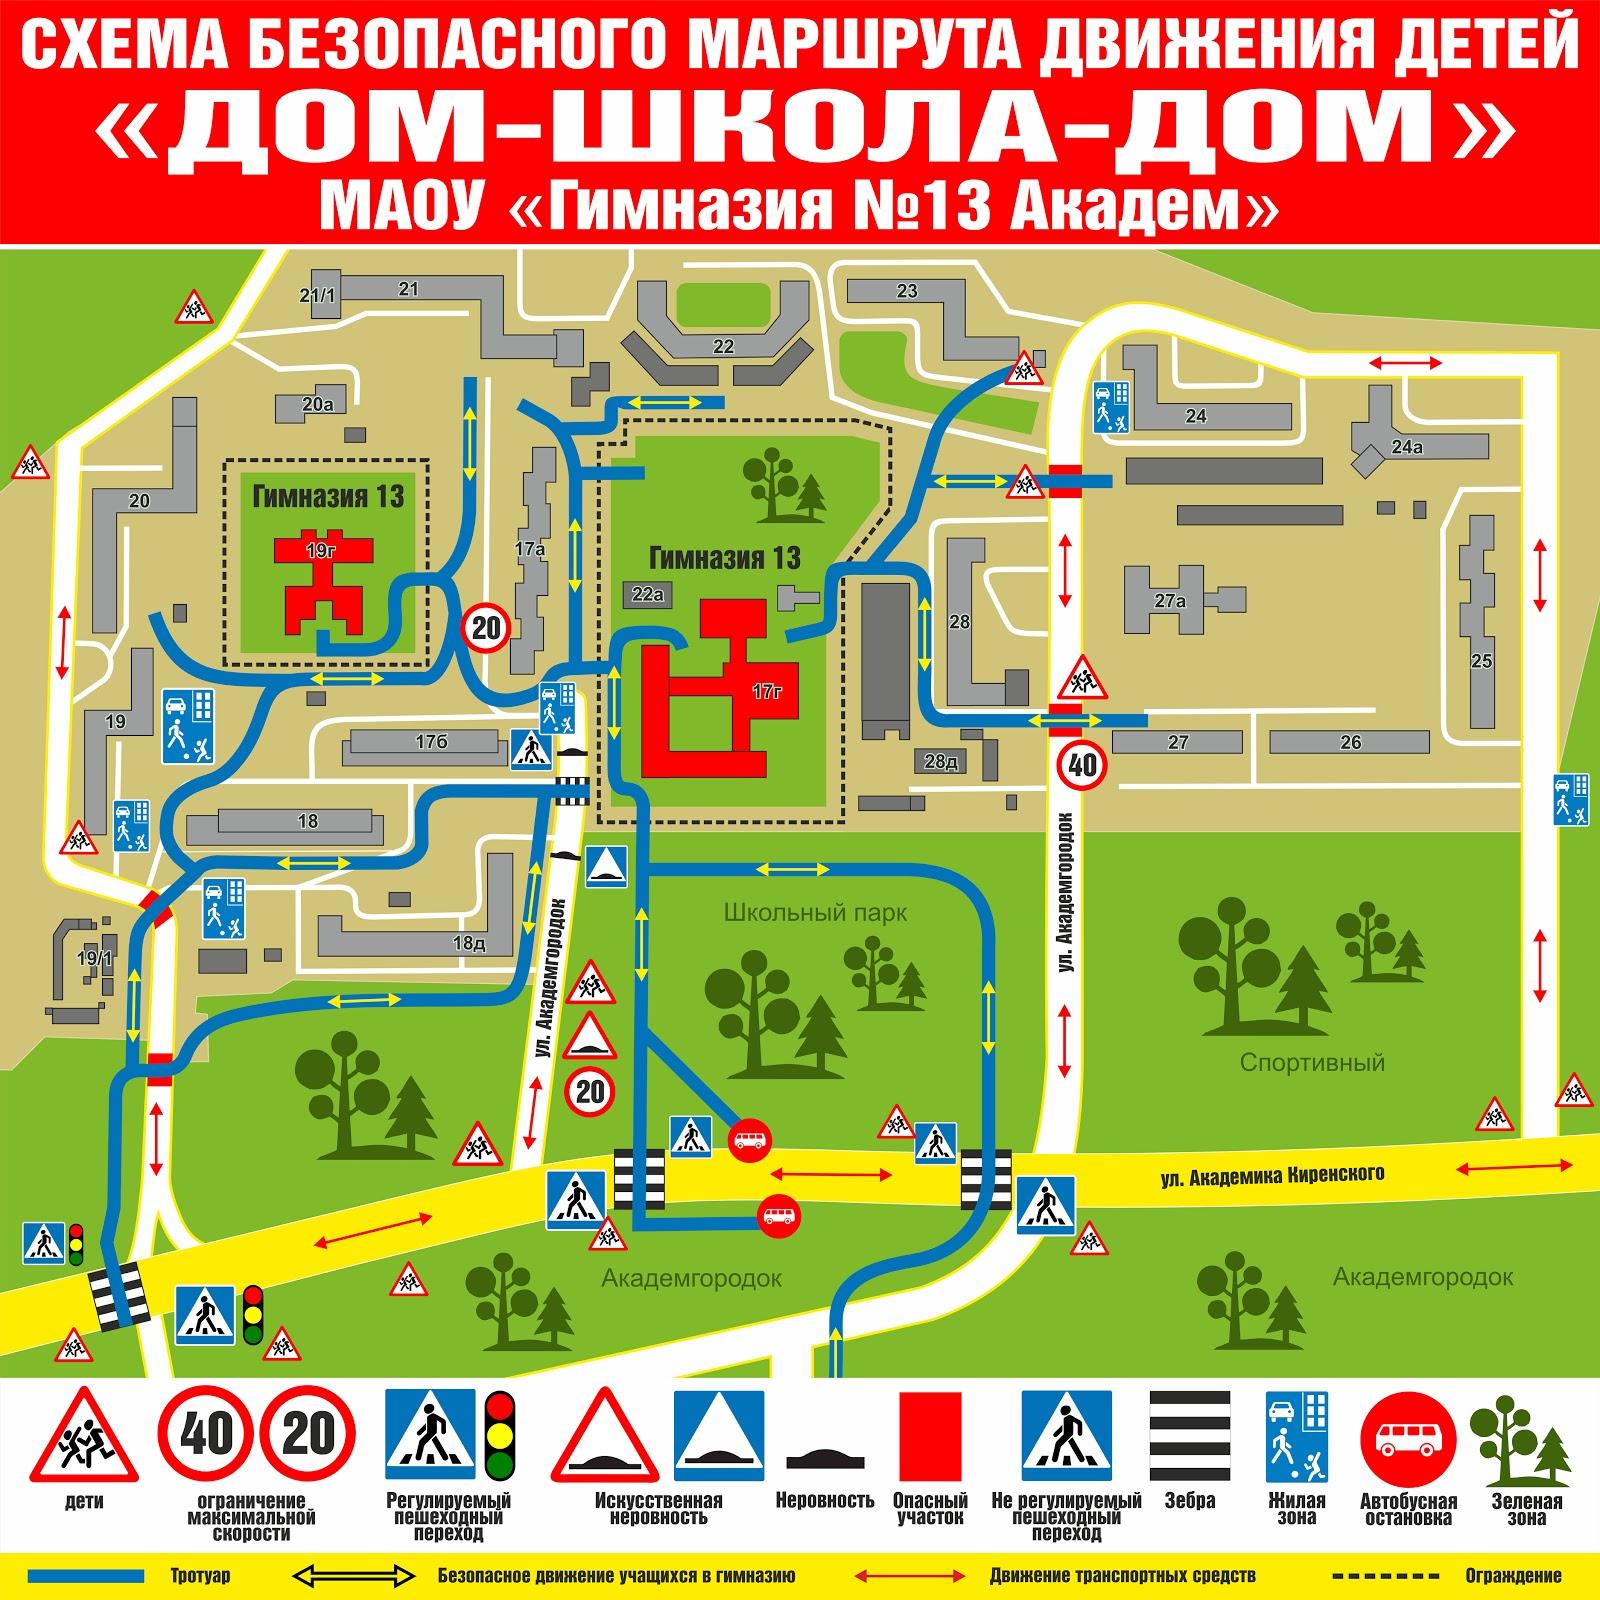 Схема маршрут от дома до школы и обратно